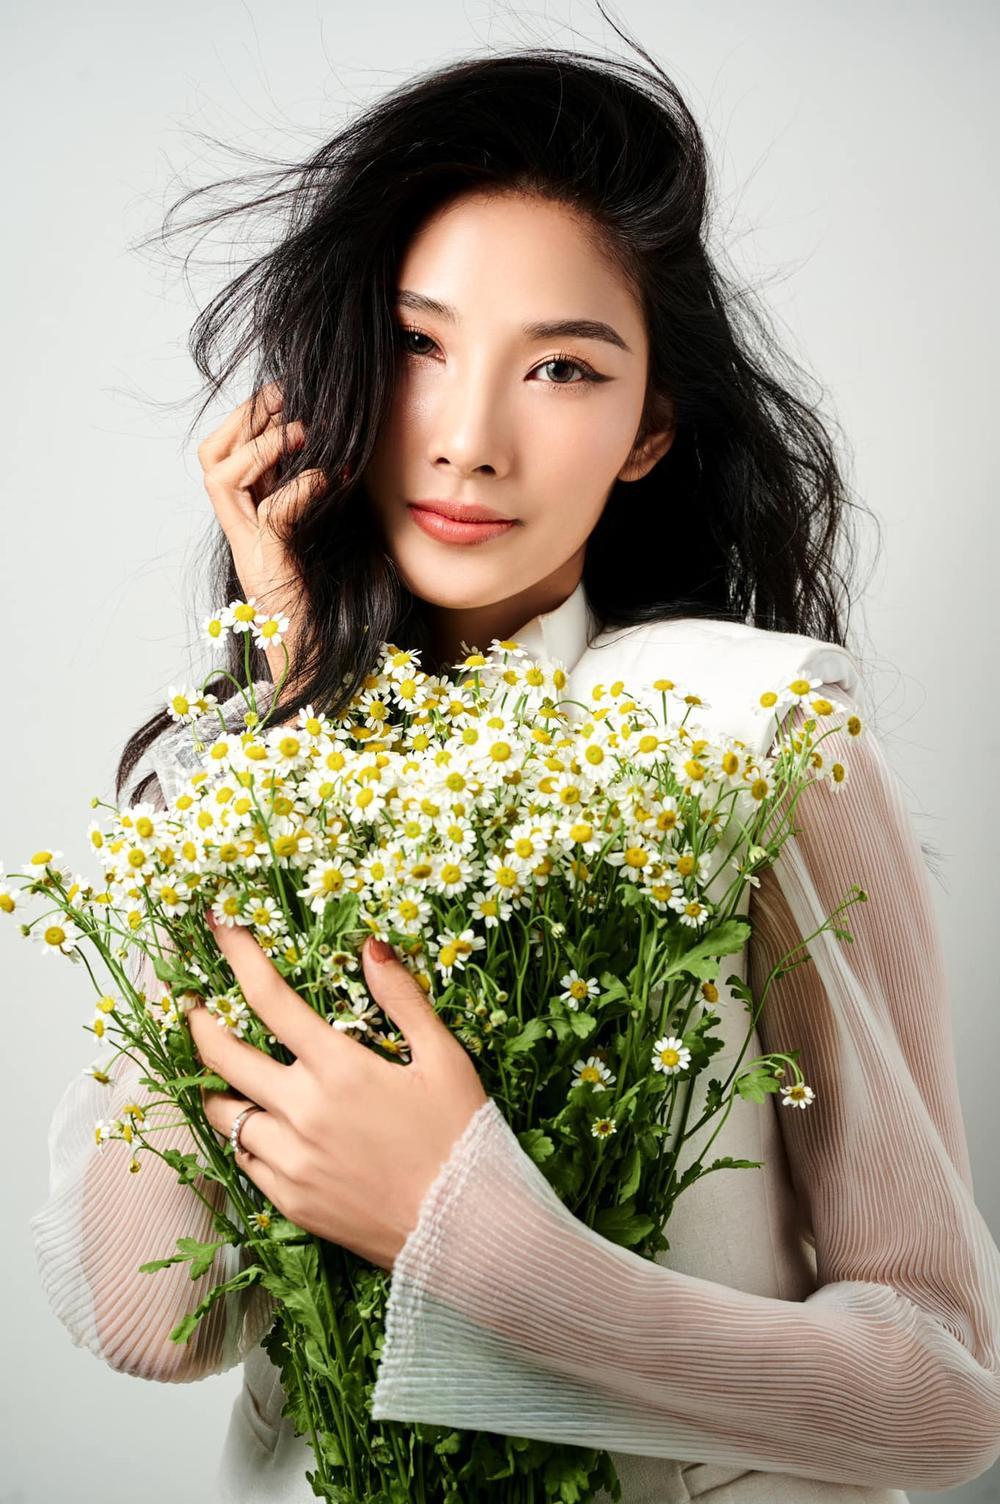 Hoàng Thùy bất ngờ ủng hộ Miss Universe Vietnam trao 2 vương miện cho 2 hoa hậu? Ảnh 2